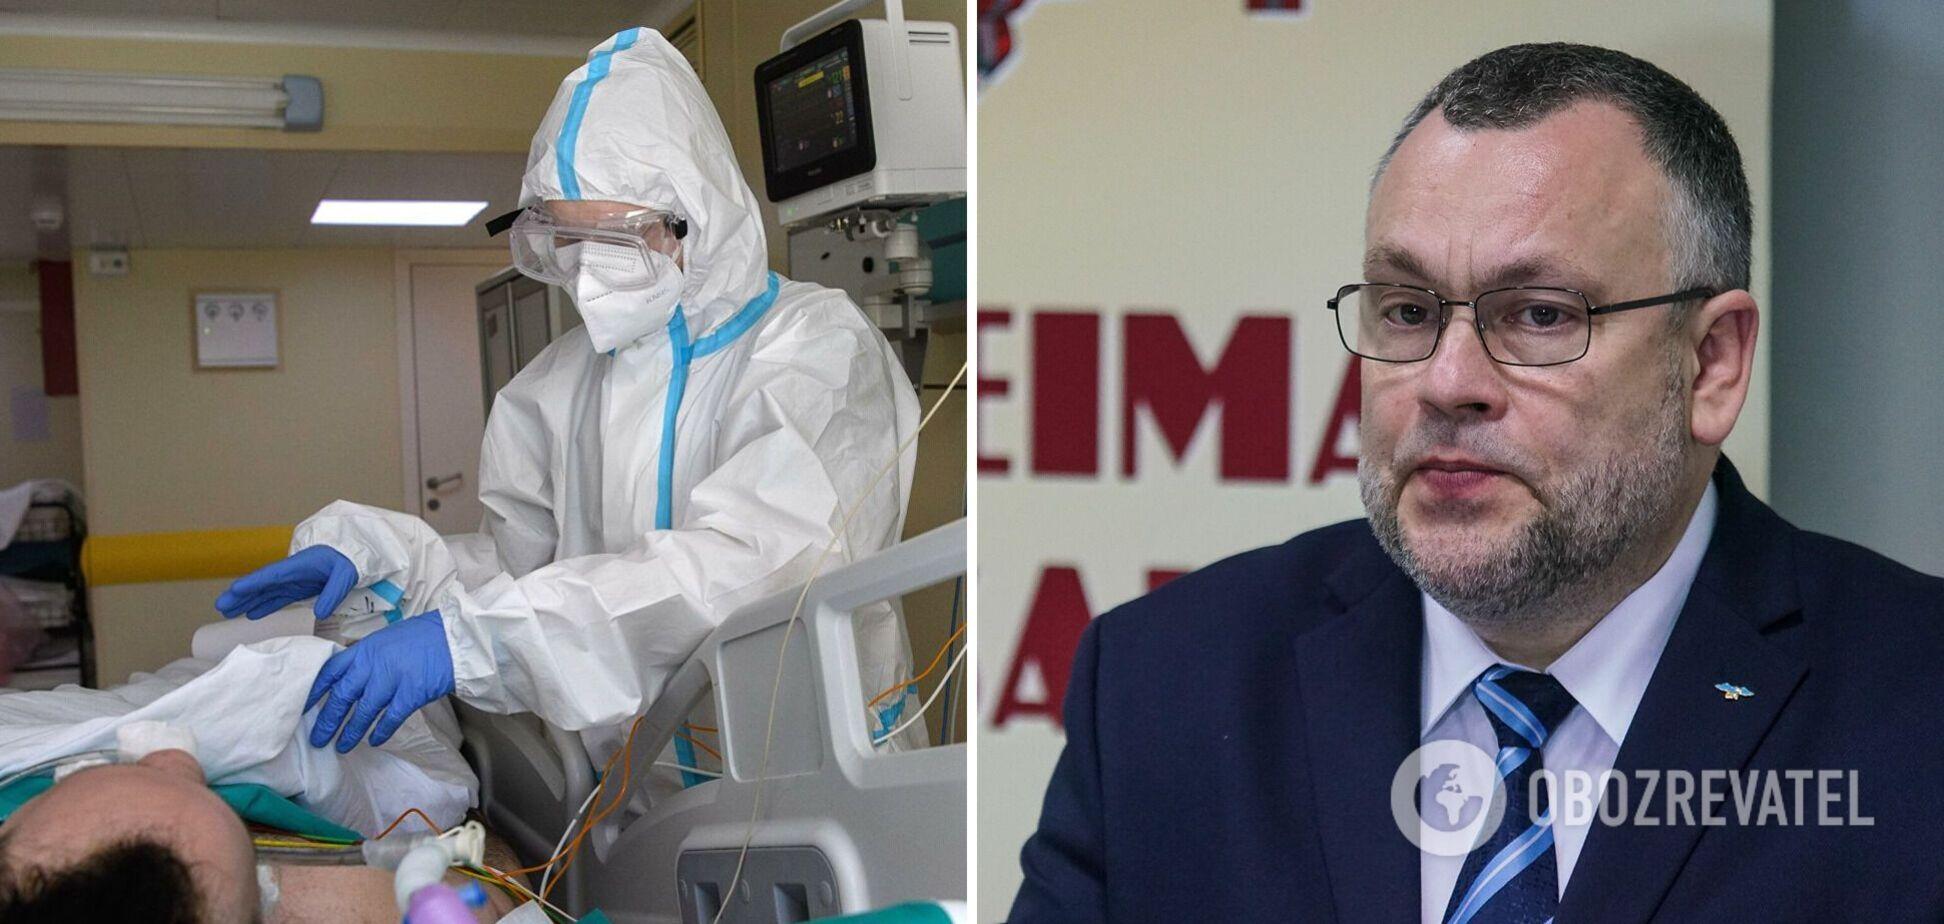 У Латвії від ускладнень COVID-19 помер політик, який виступав проти обов'язкової вакцинації